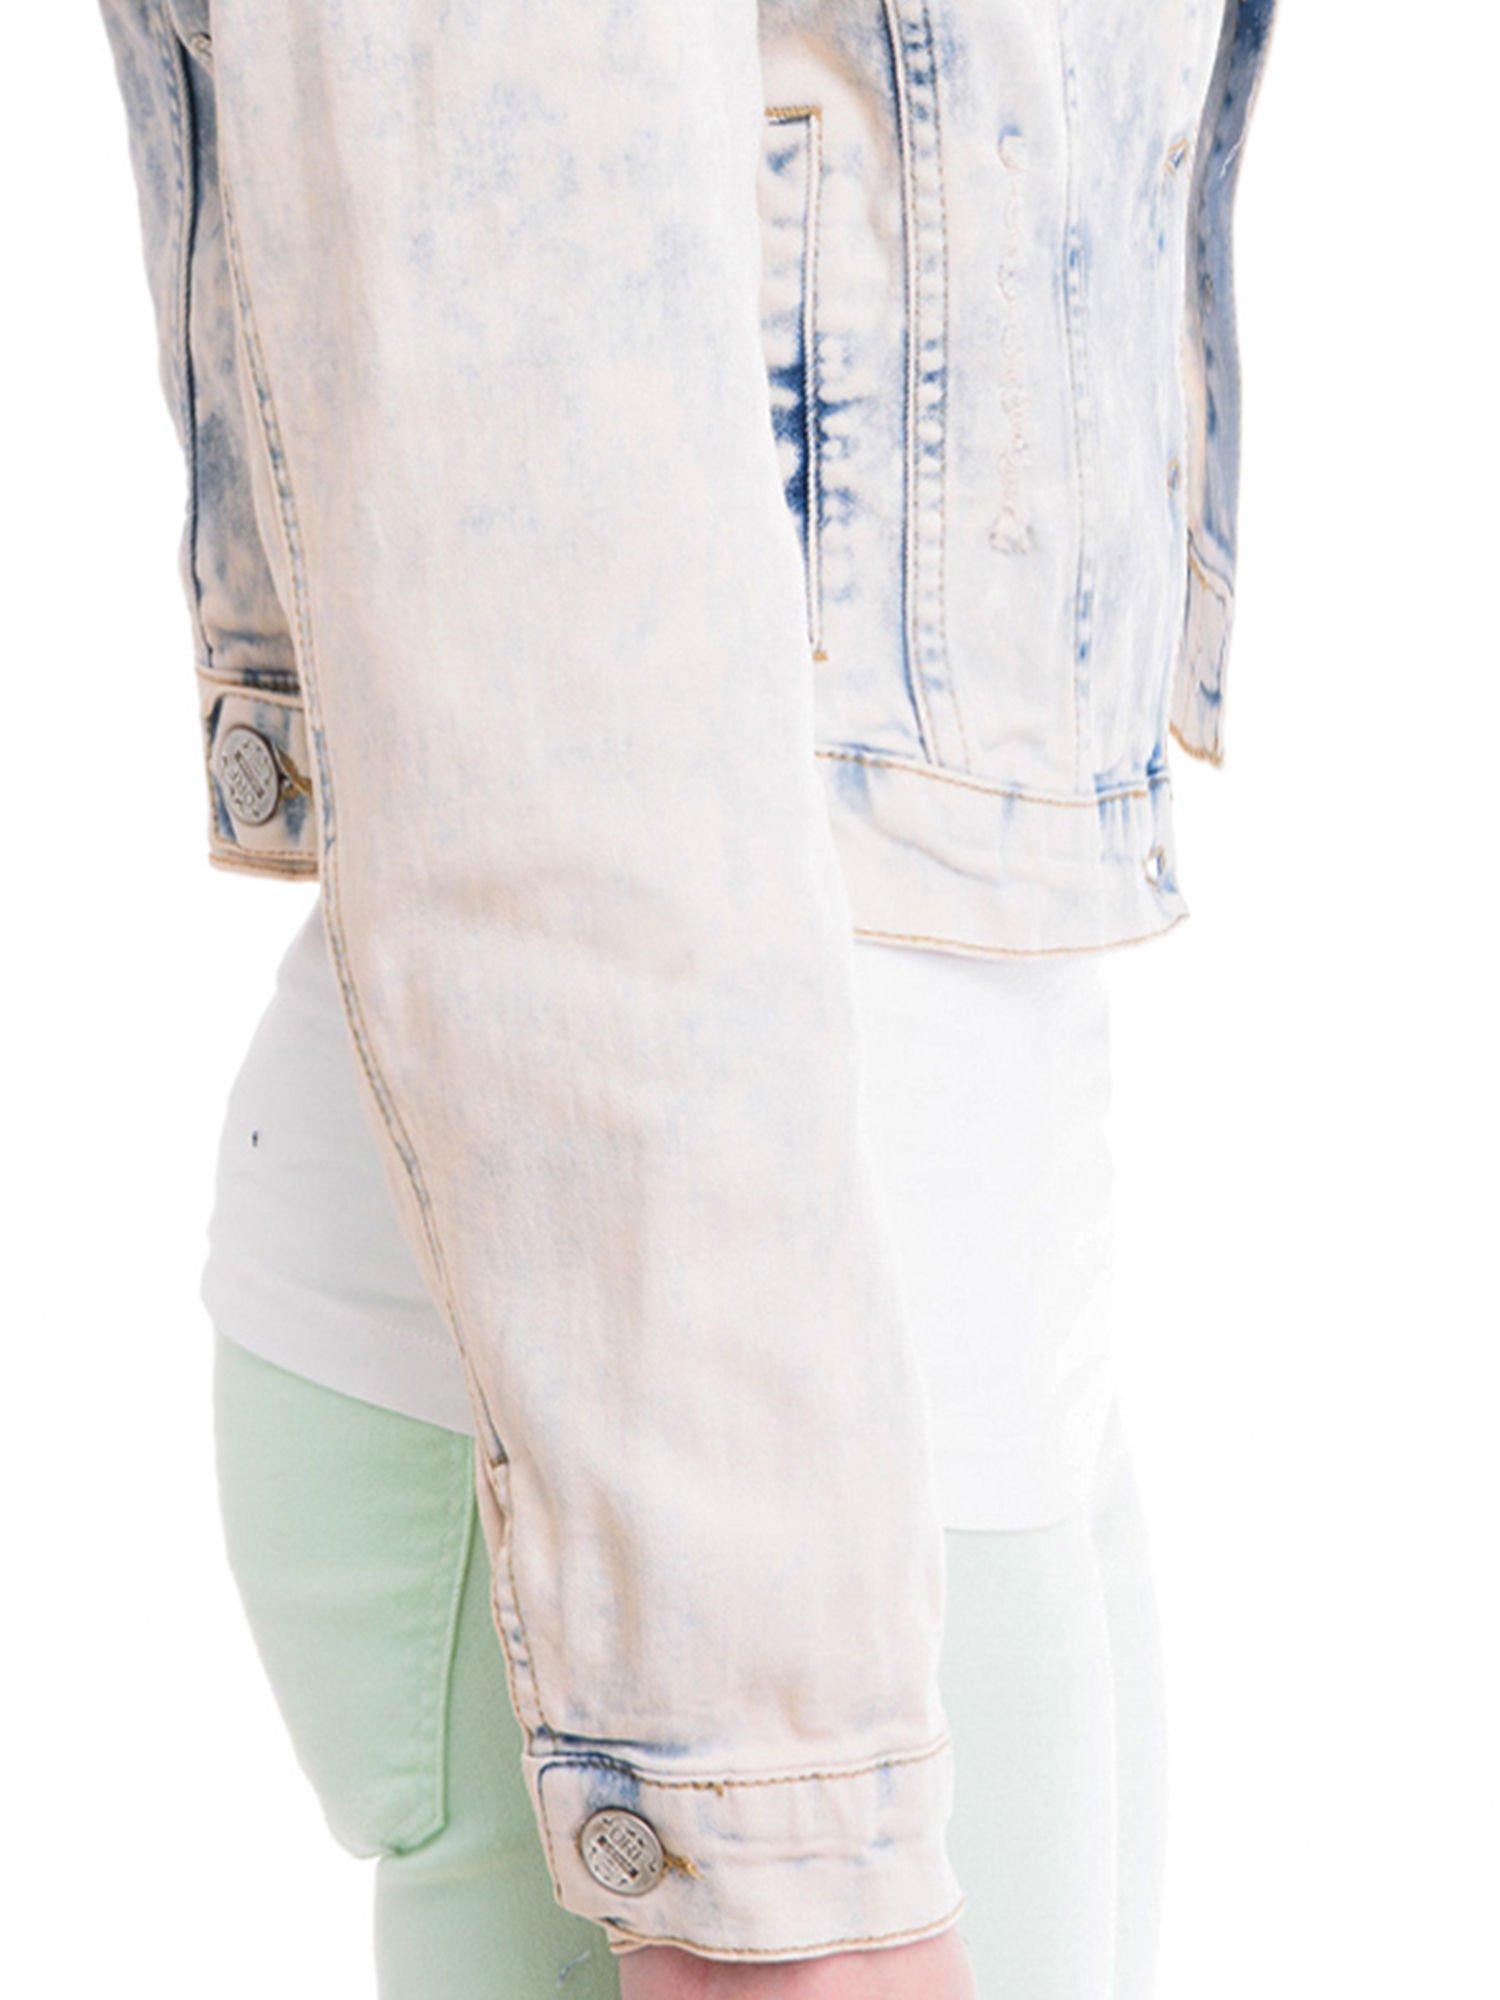 Jasnoniebieska marmurkowa kurtka jeansowa damska                                  zdj.                                  6